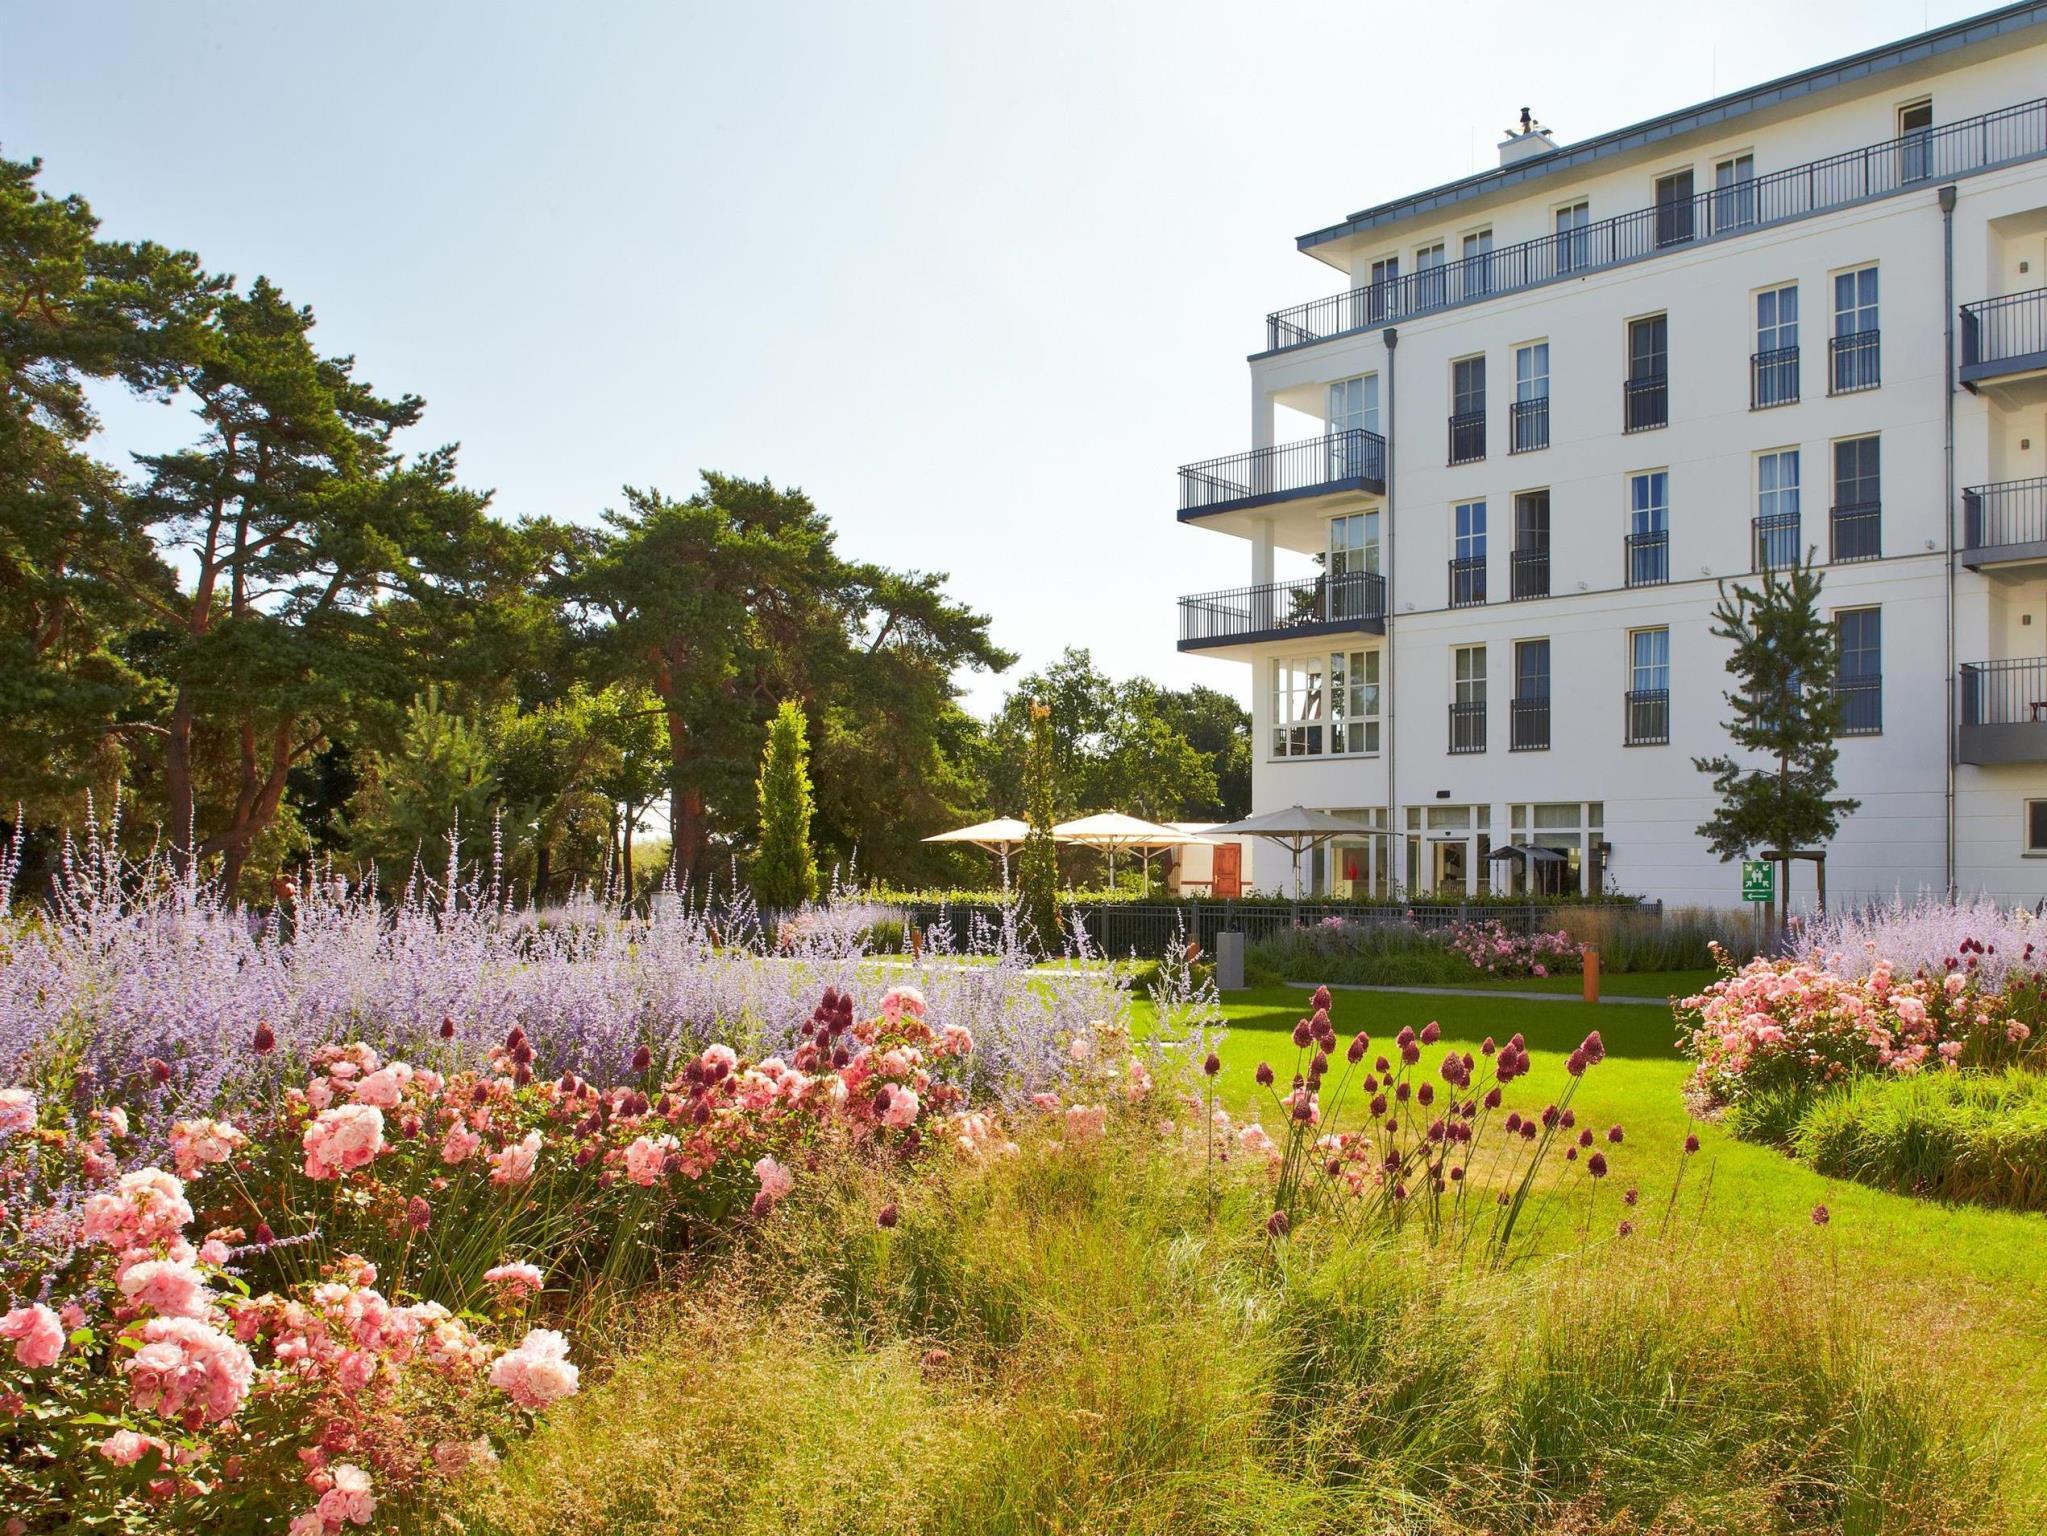 Steigenberger Grandhotel And Spa Heringsdorf